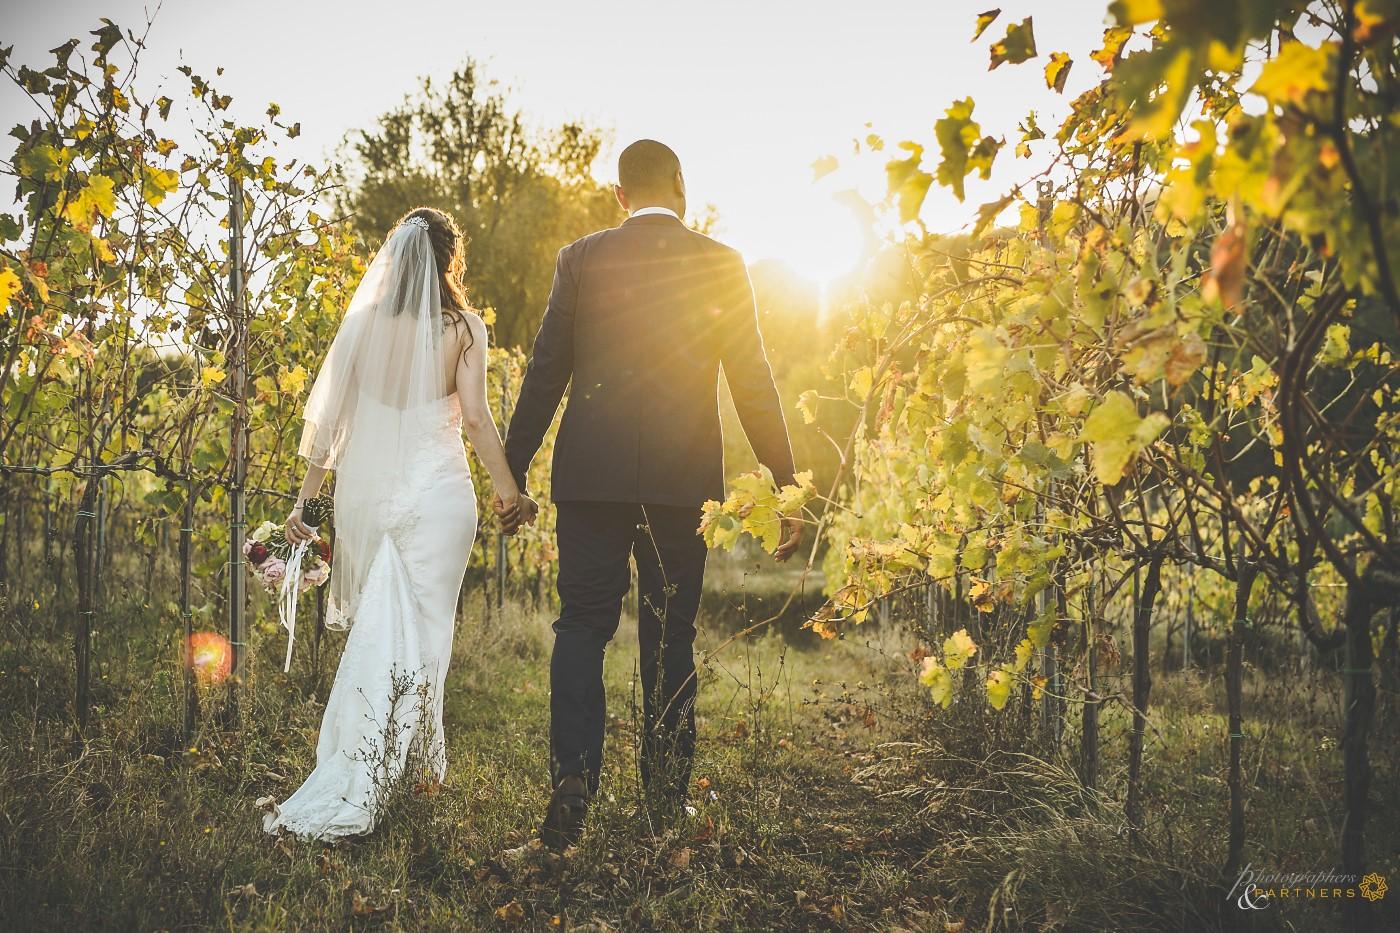 photographer_weddings_baroncino_11.jpg